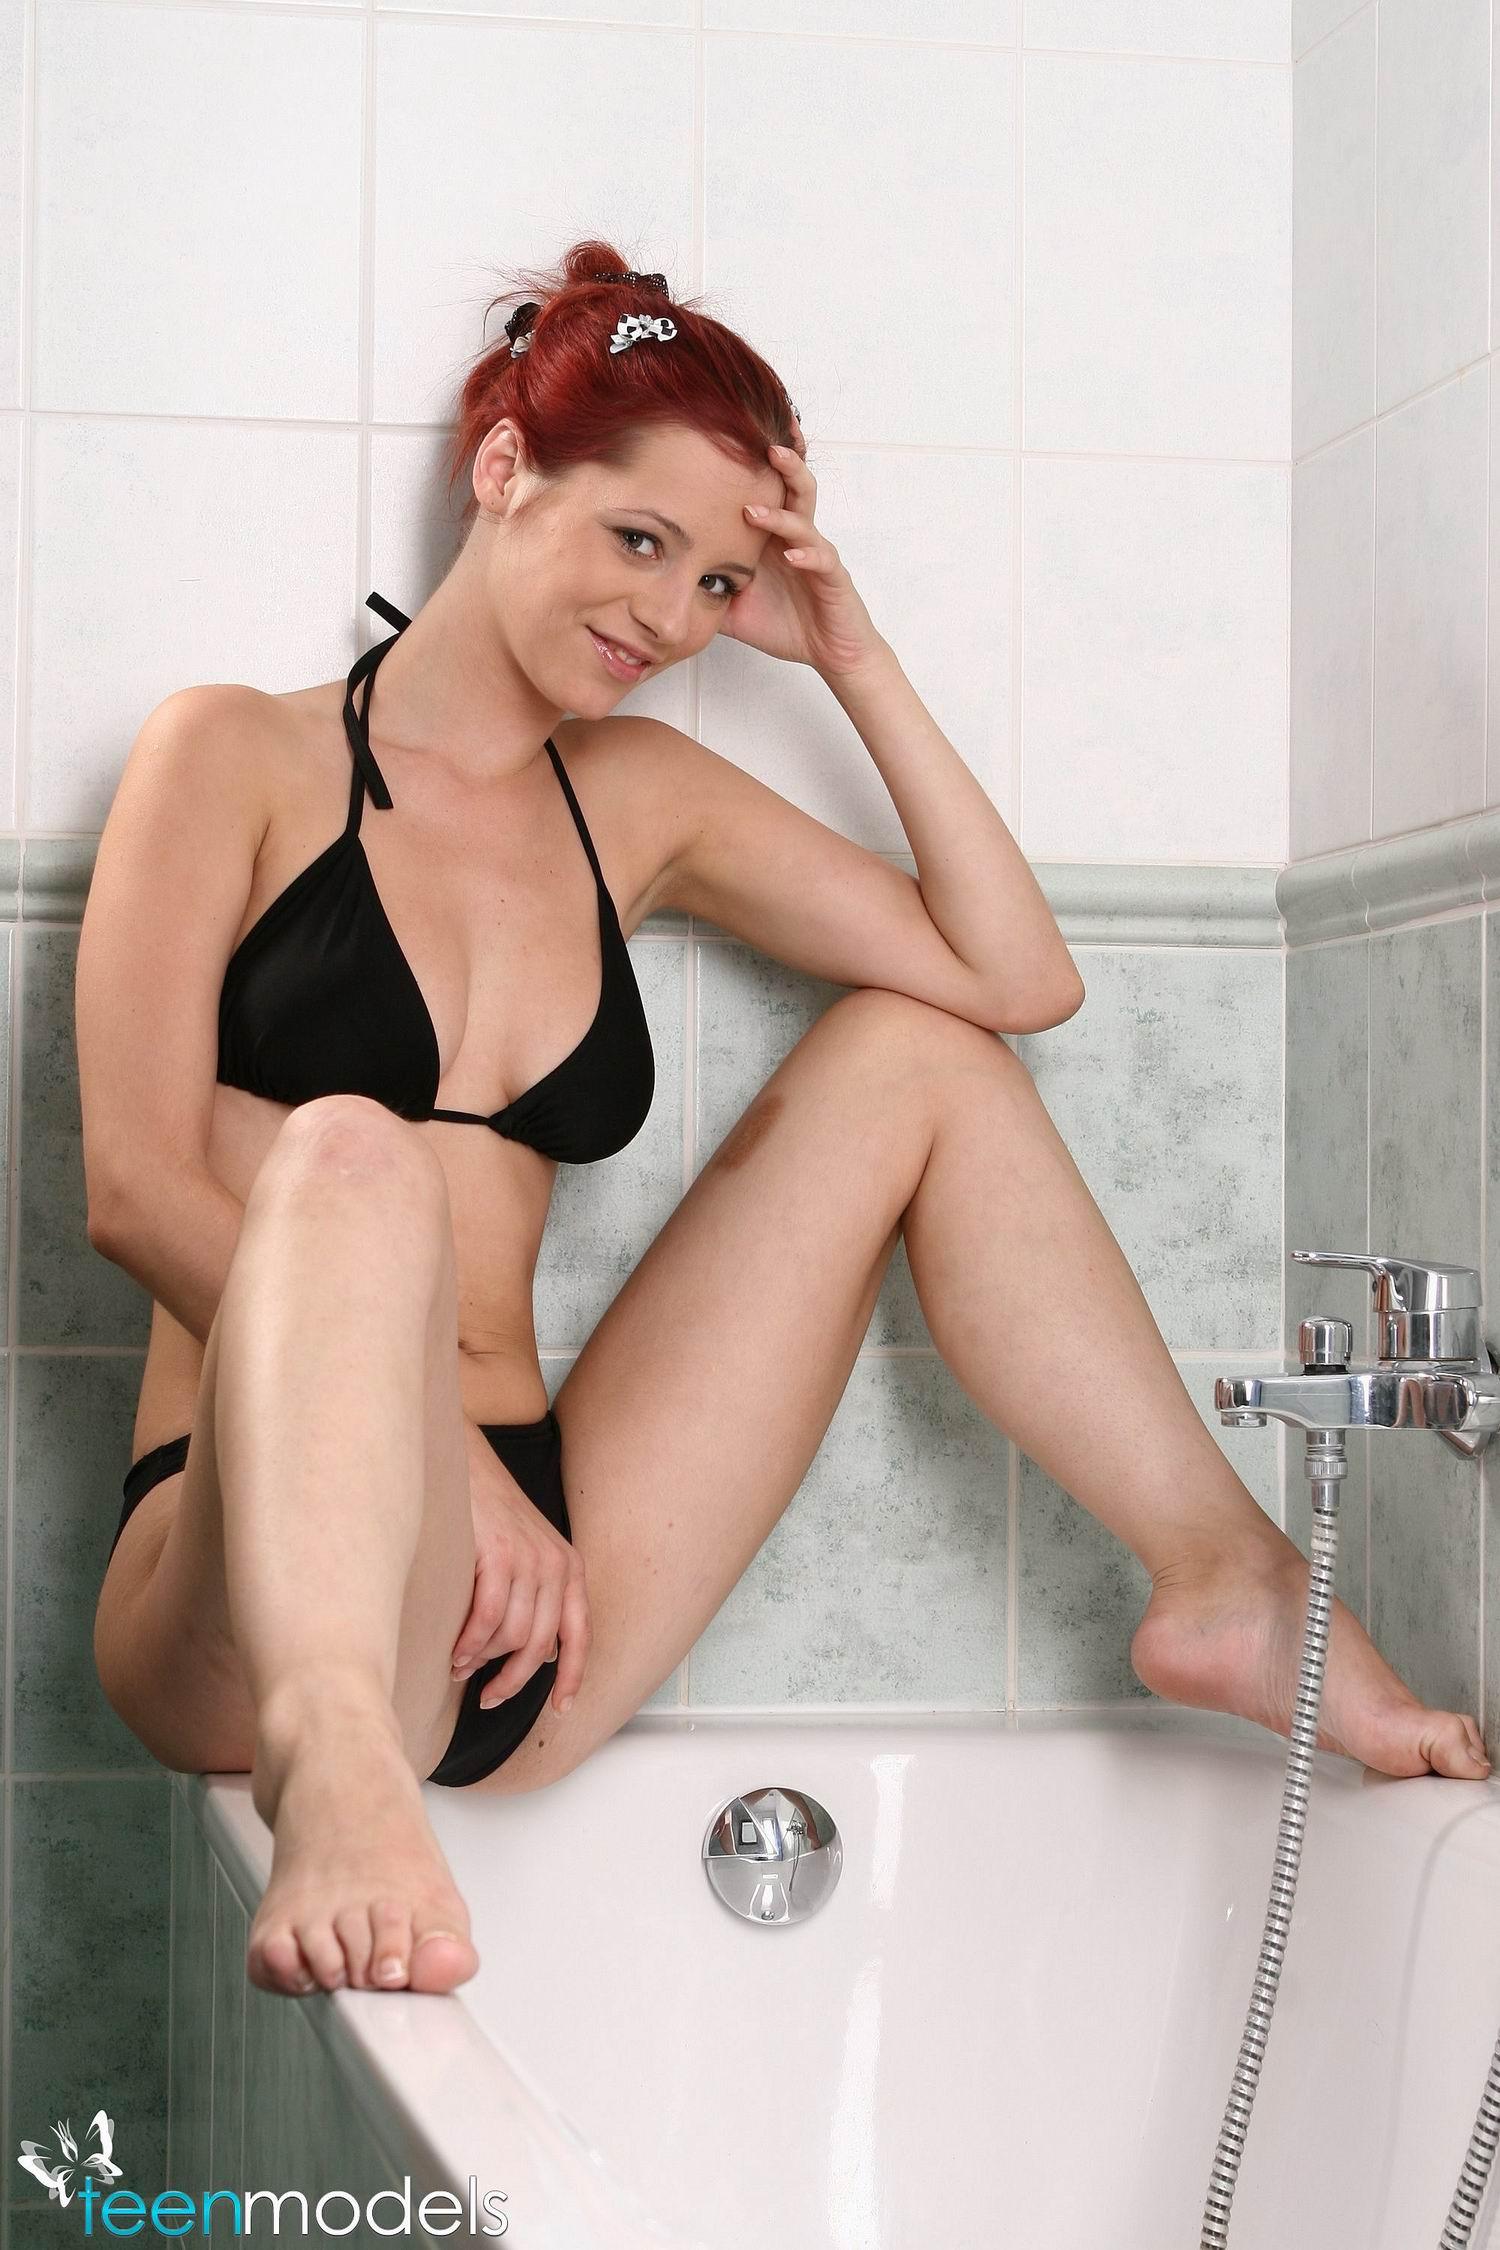 Shawna leene porn star